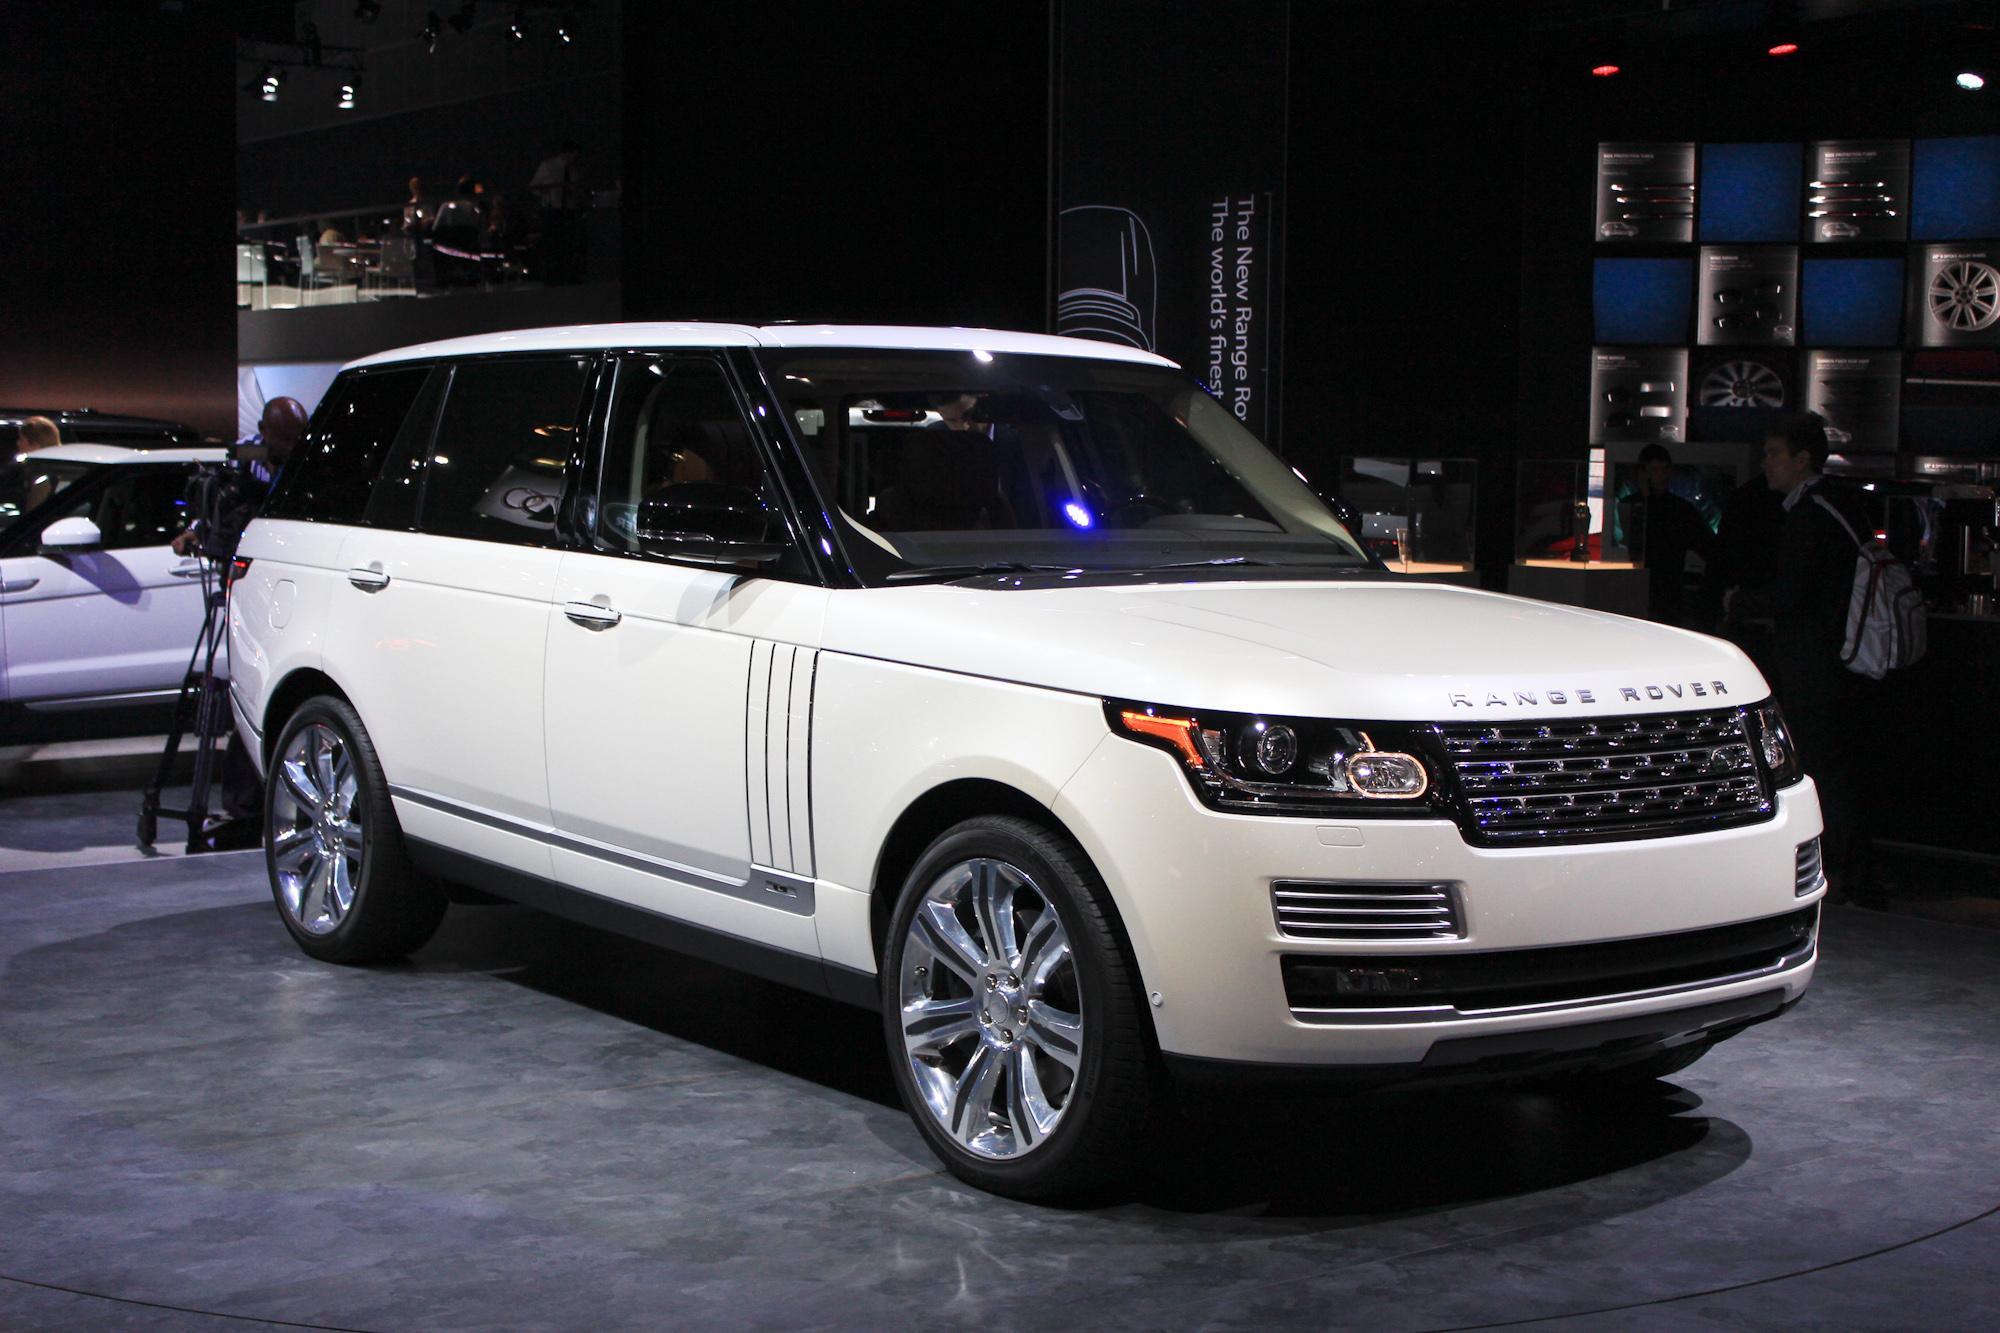 2014 Land Rover Range Rover Long Wheelbase 2013 L A Auto